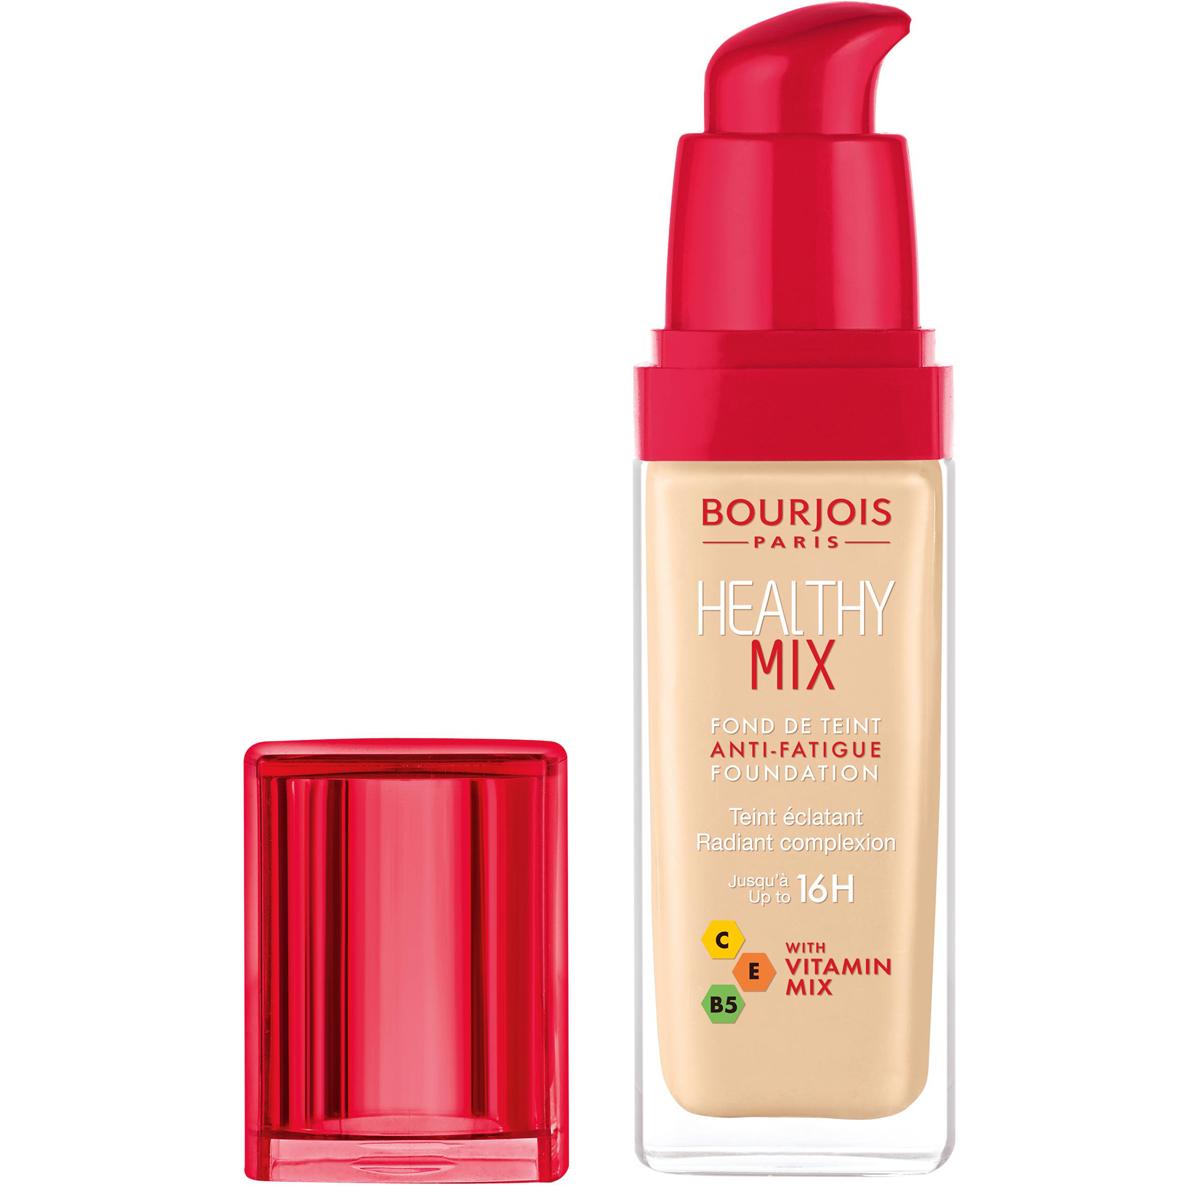 Bourjois Консилер Healthy Mix, Тон 51WS 7064Healthy Mix Concealer содержит антиоксиданты, мощный витаминный комплекс и тонизирующие компоненты, которые скрывают следы усталости и придают сияние Вашей коже.